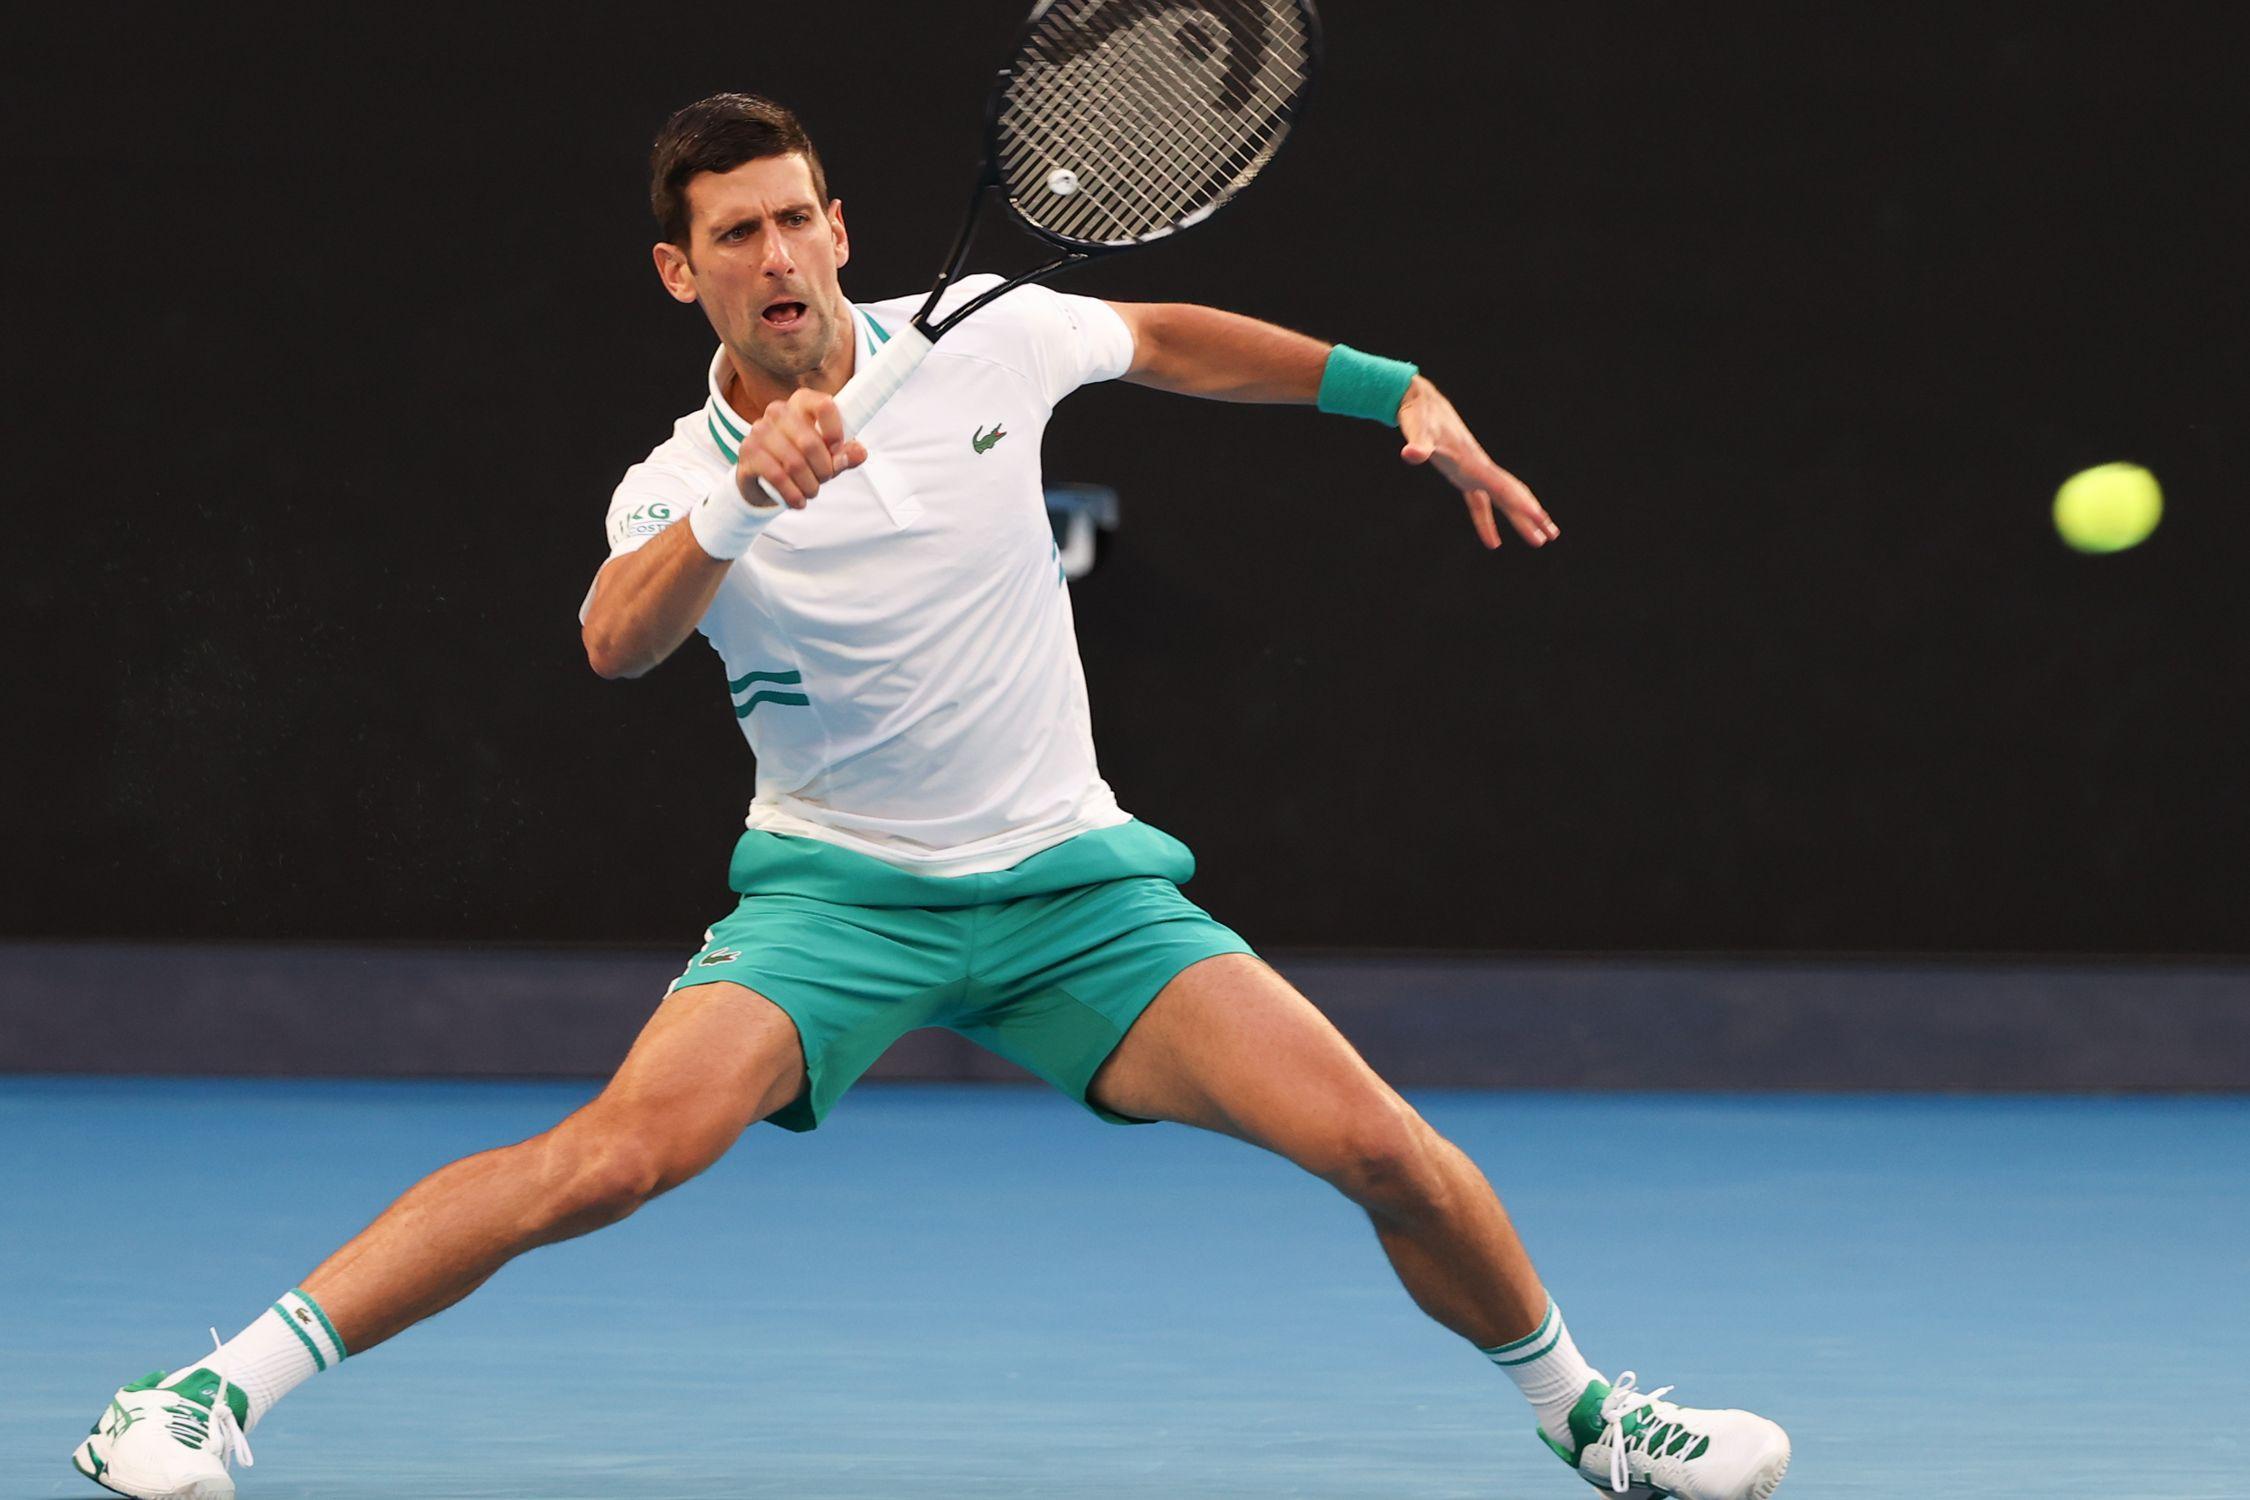 Эмоции Джоковича после победы в финале Australian Open с Медведевым (ВИДЕО)